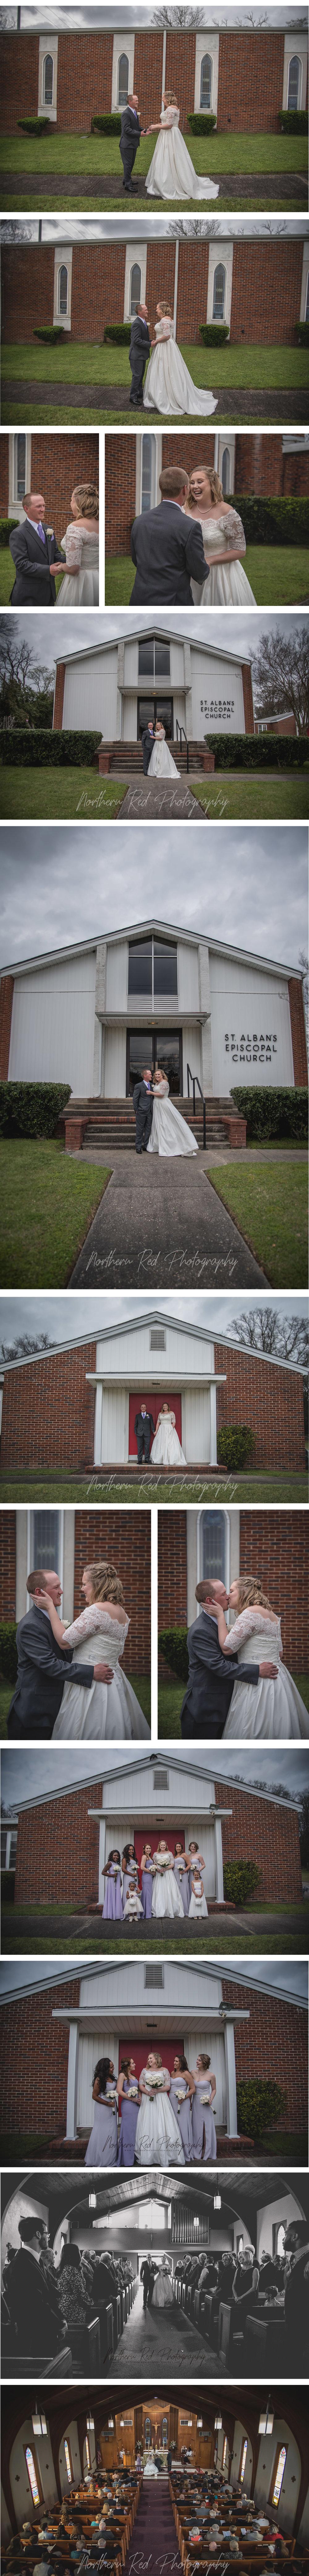 South Carolina Wedding Engagement Photographer